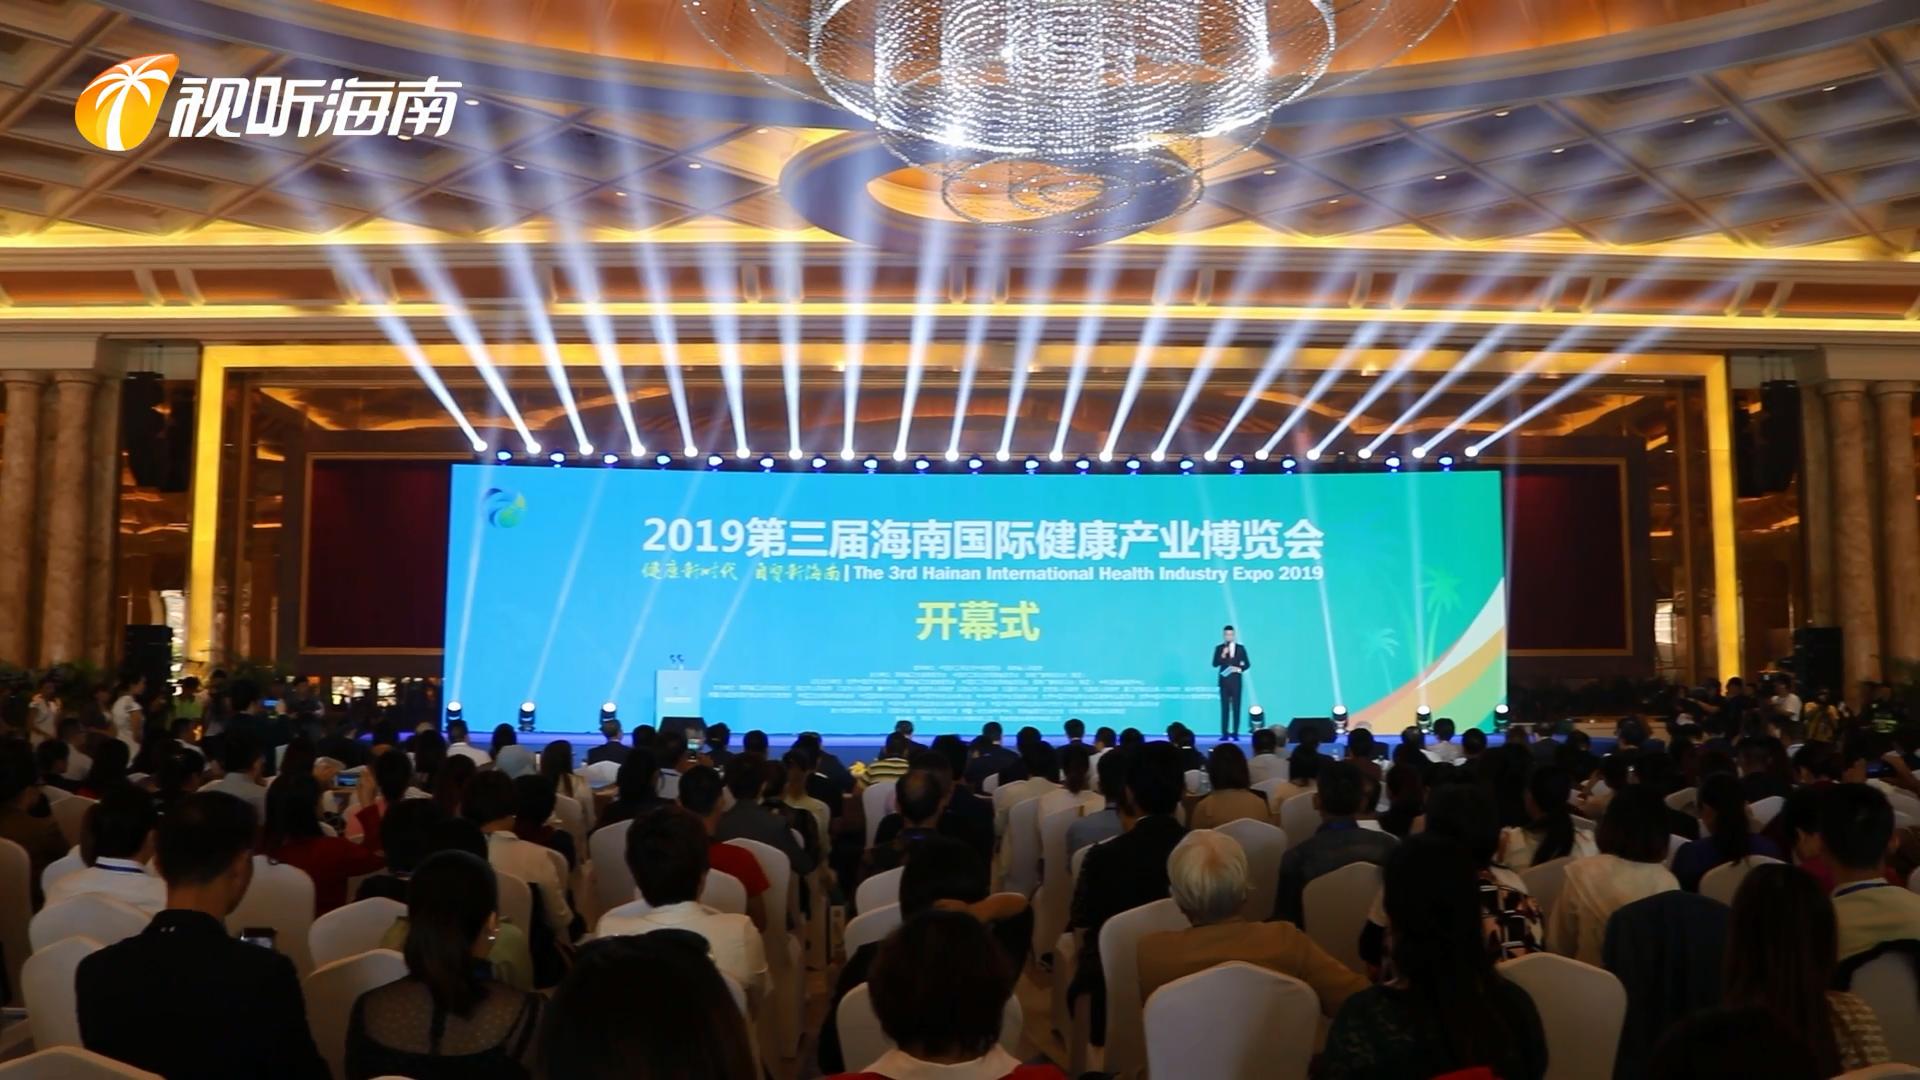 微视频:2019第三届海南国际健康产业博览会盛大开幕